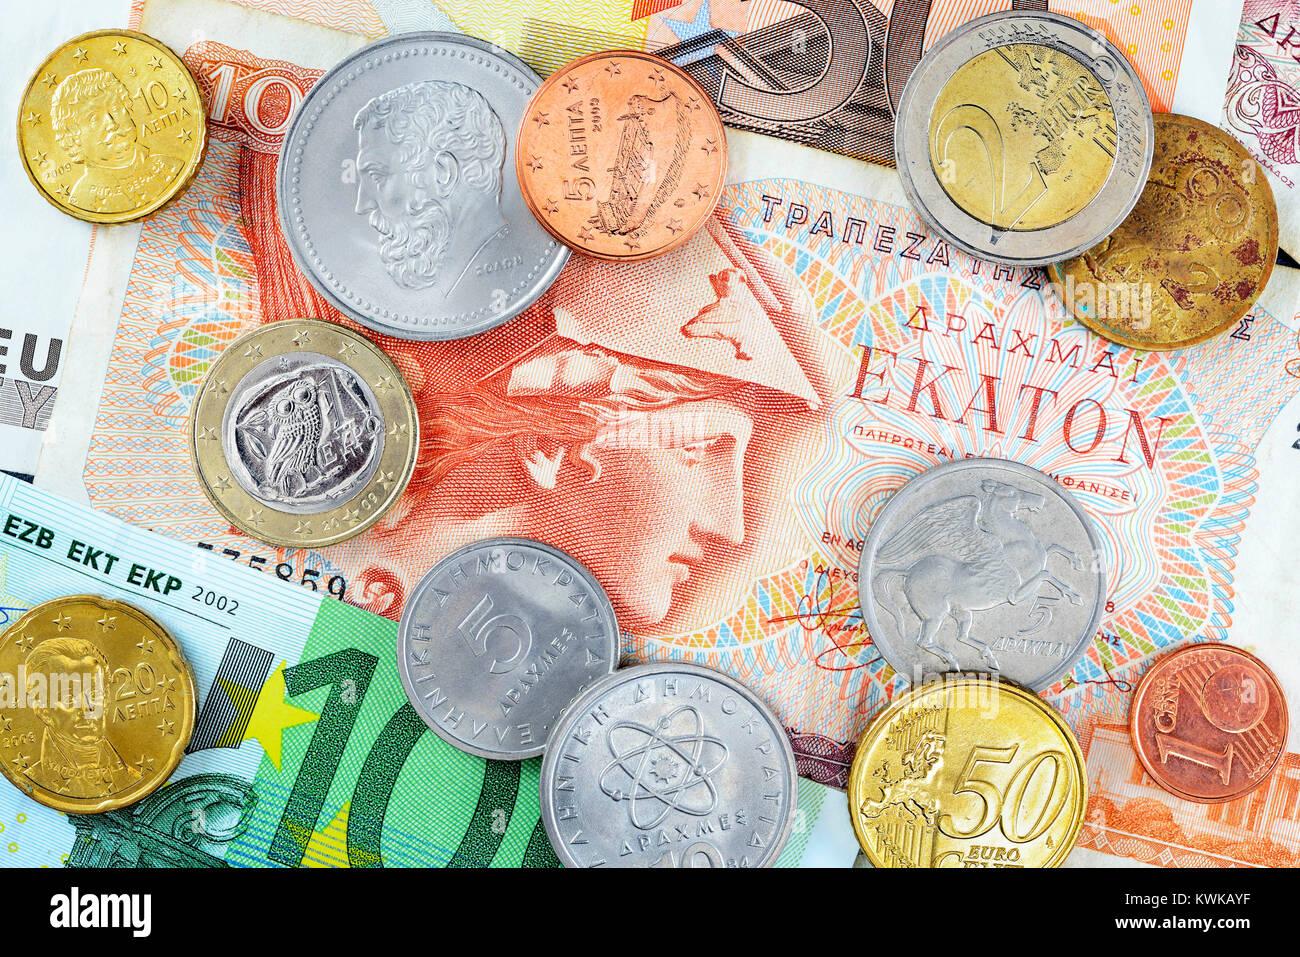 Griego, y eurocoins drachms euronotes, Griechische Drachmen, Euroscheine und Eurom?nzen Foto de stock